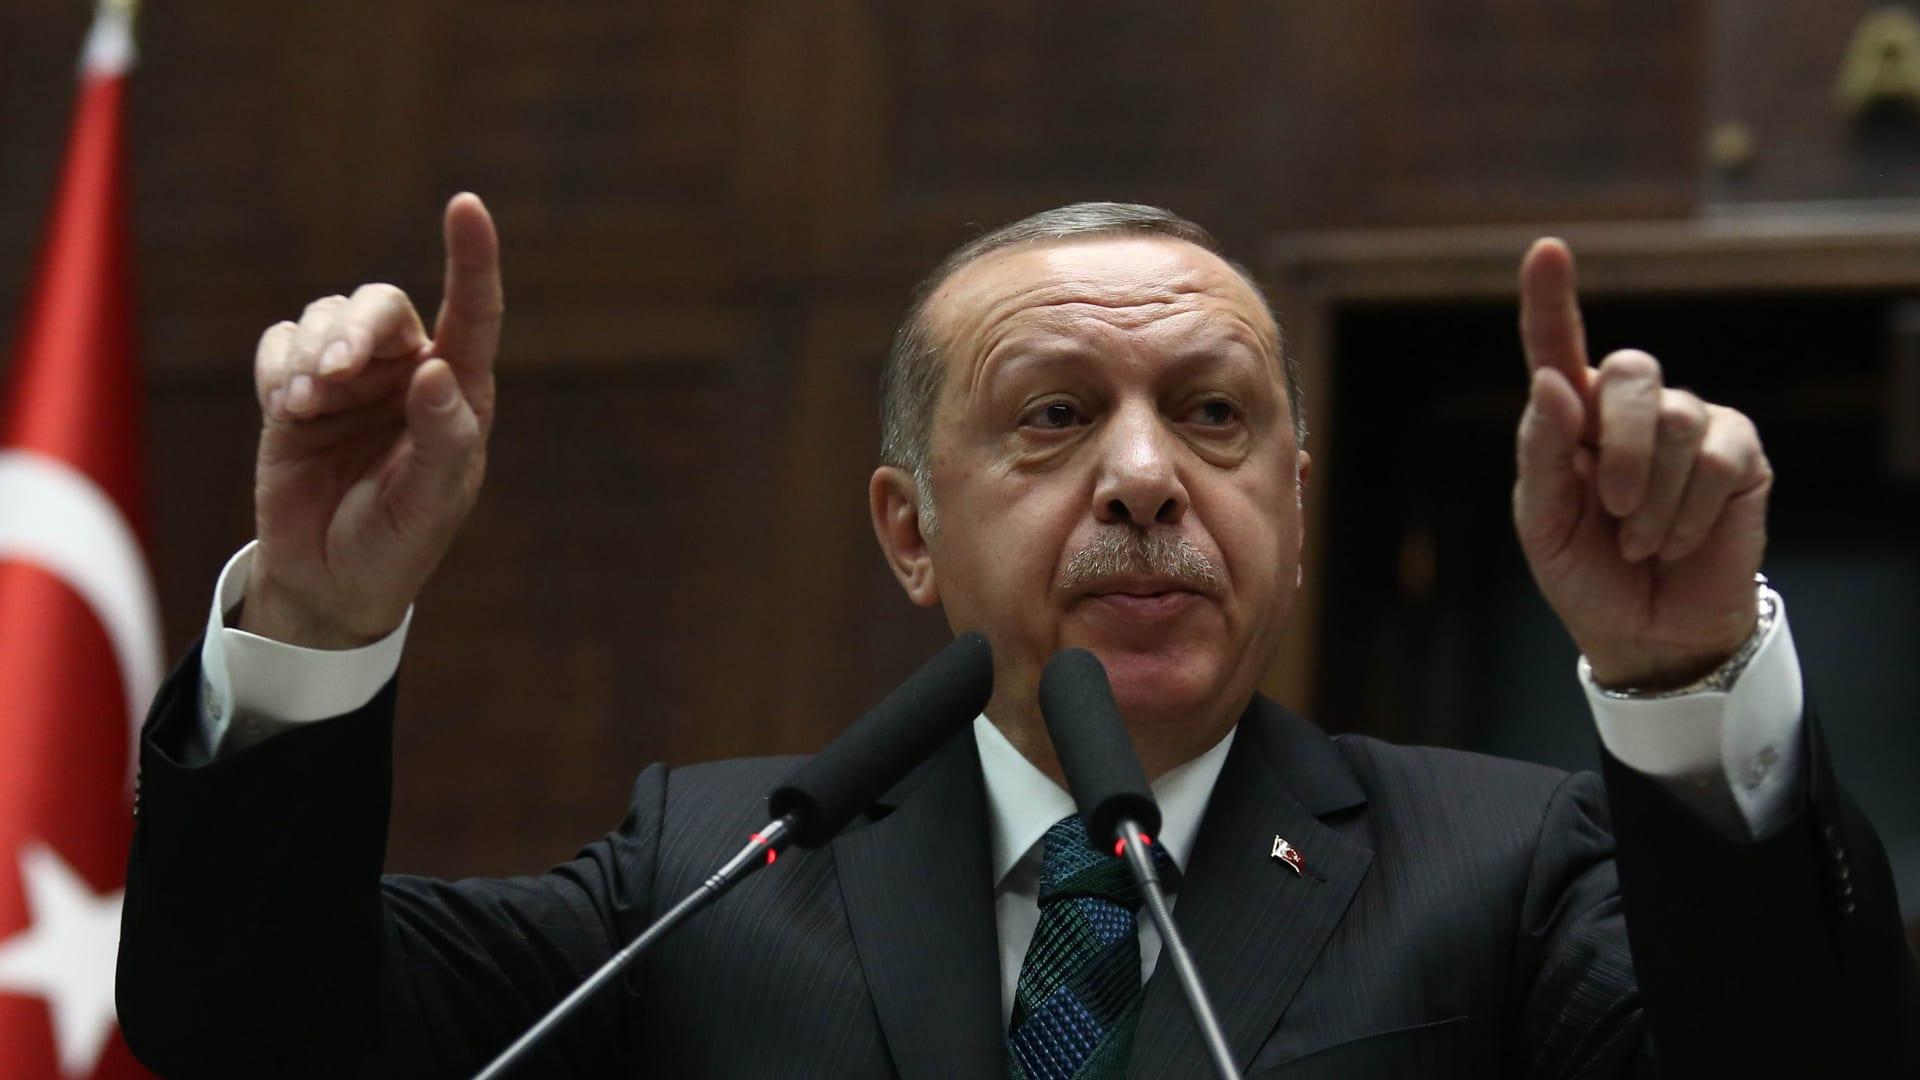 """أردوغان يتحدث عن تطبيع العلاقات مع مصر واستعادة """"الوحدة ذات الجذور التاريخية"""""""